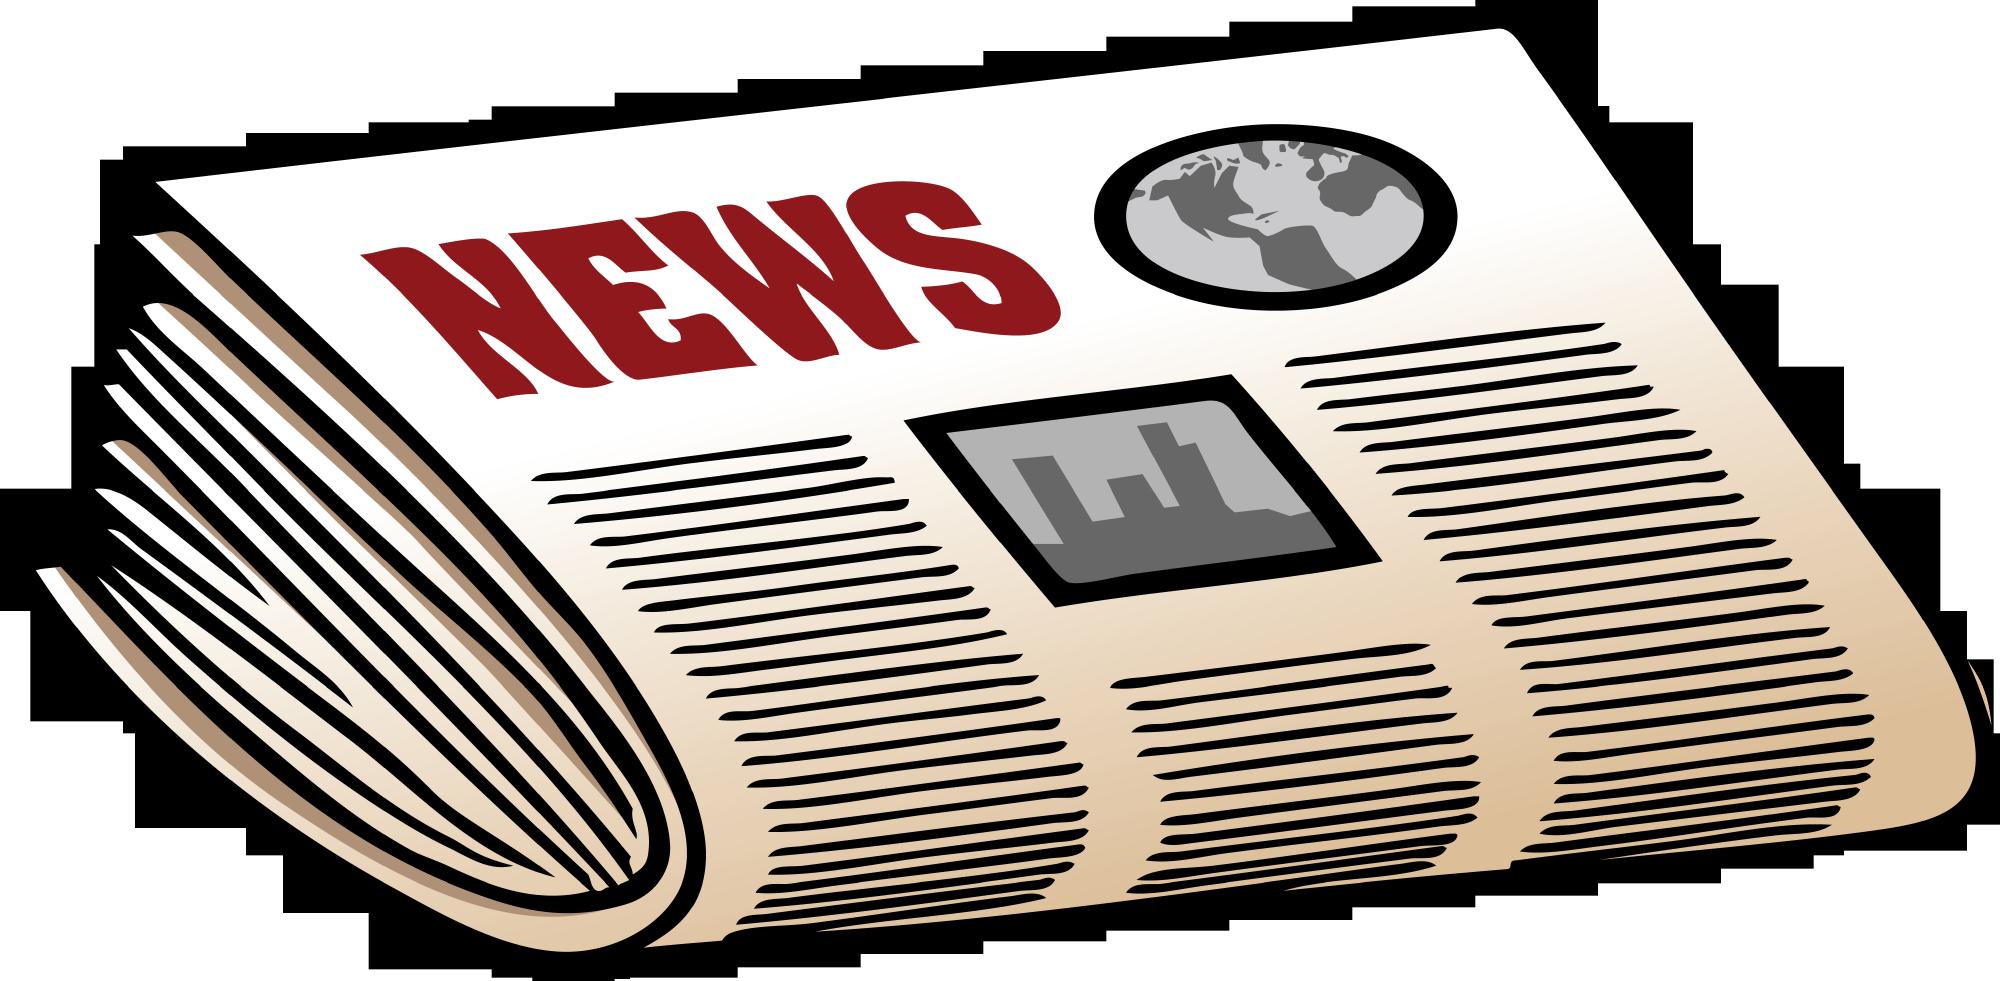 Logo clipart newspaper, Logo newspaper Transparent FREE for.